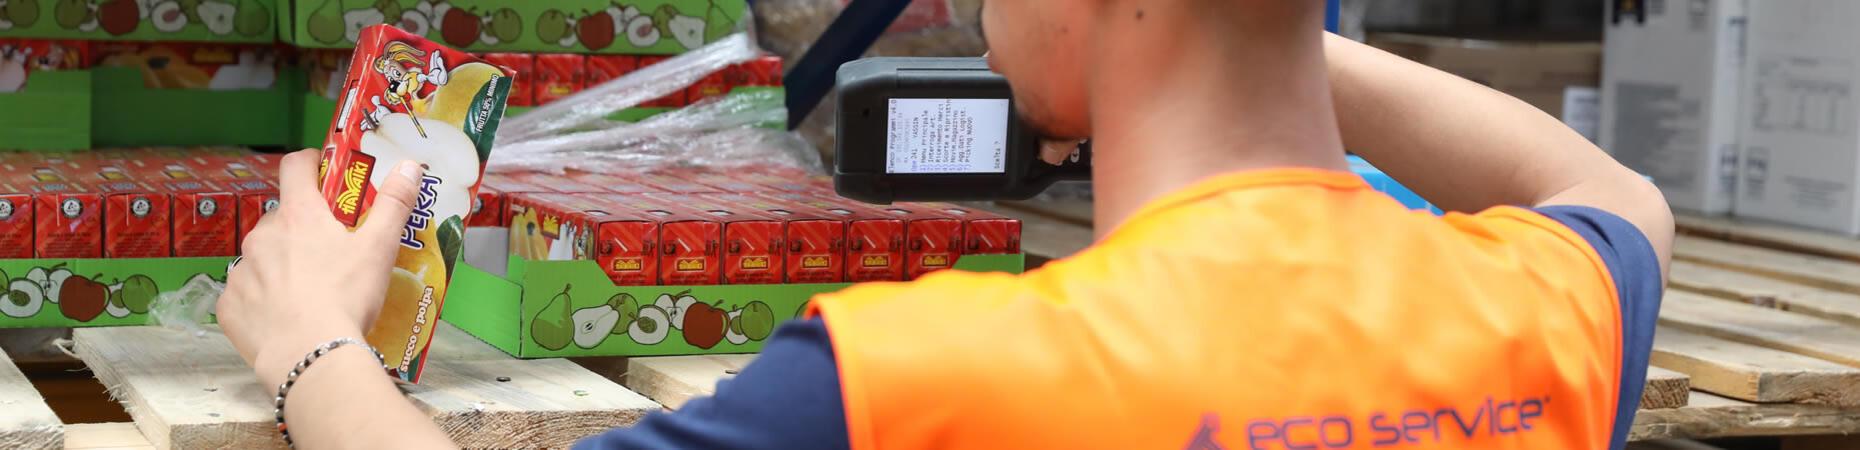 ecoservice-ancona it logistica-settore-beverage-ancona 005